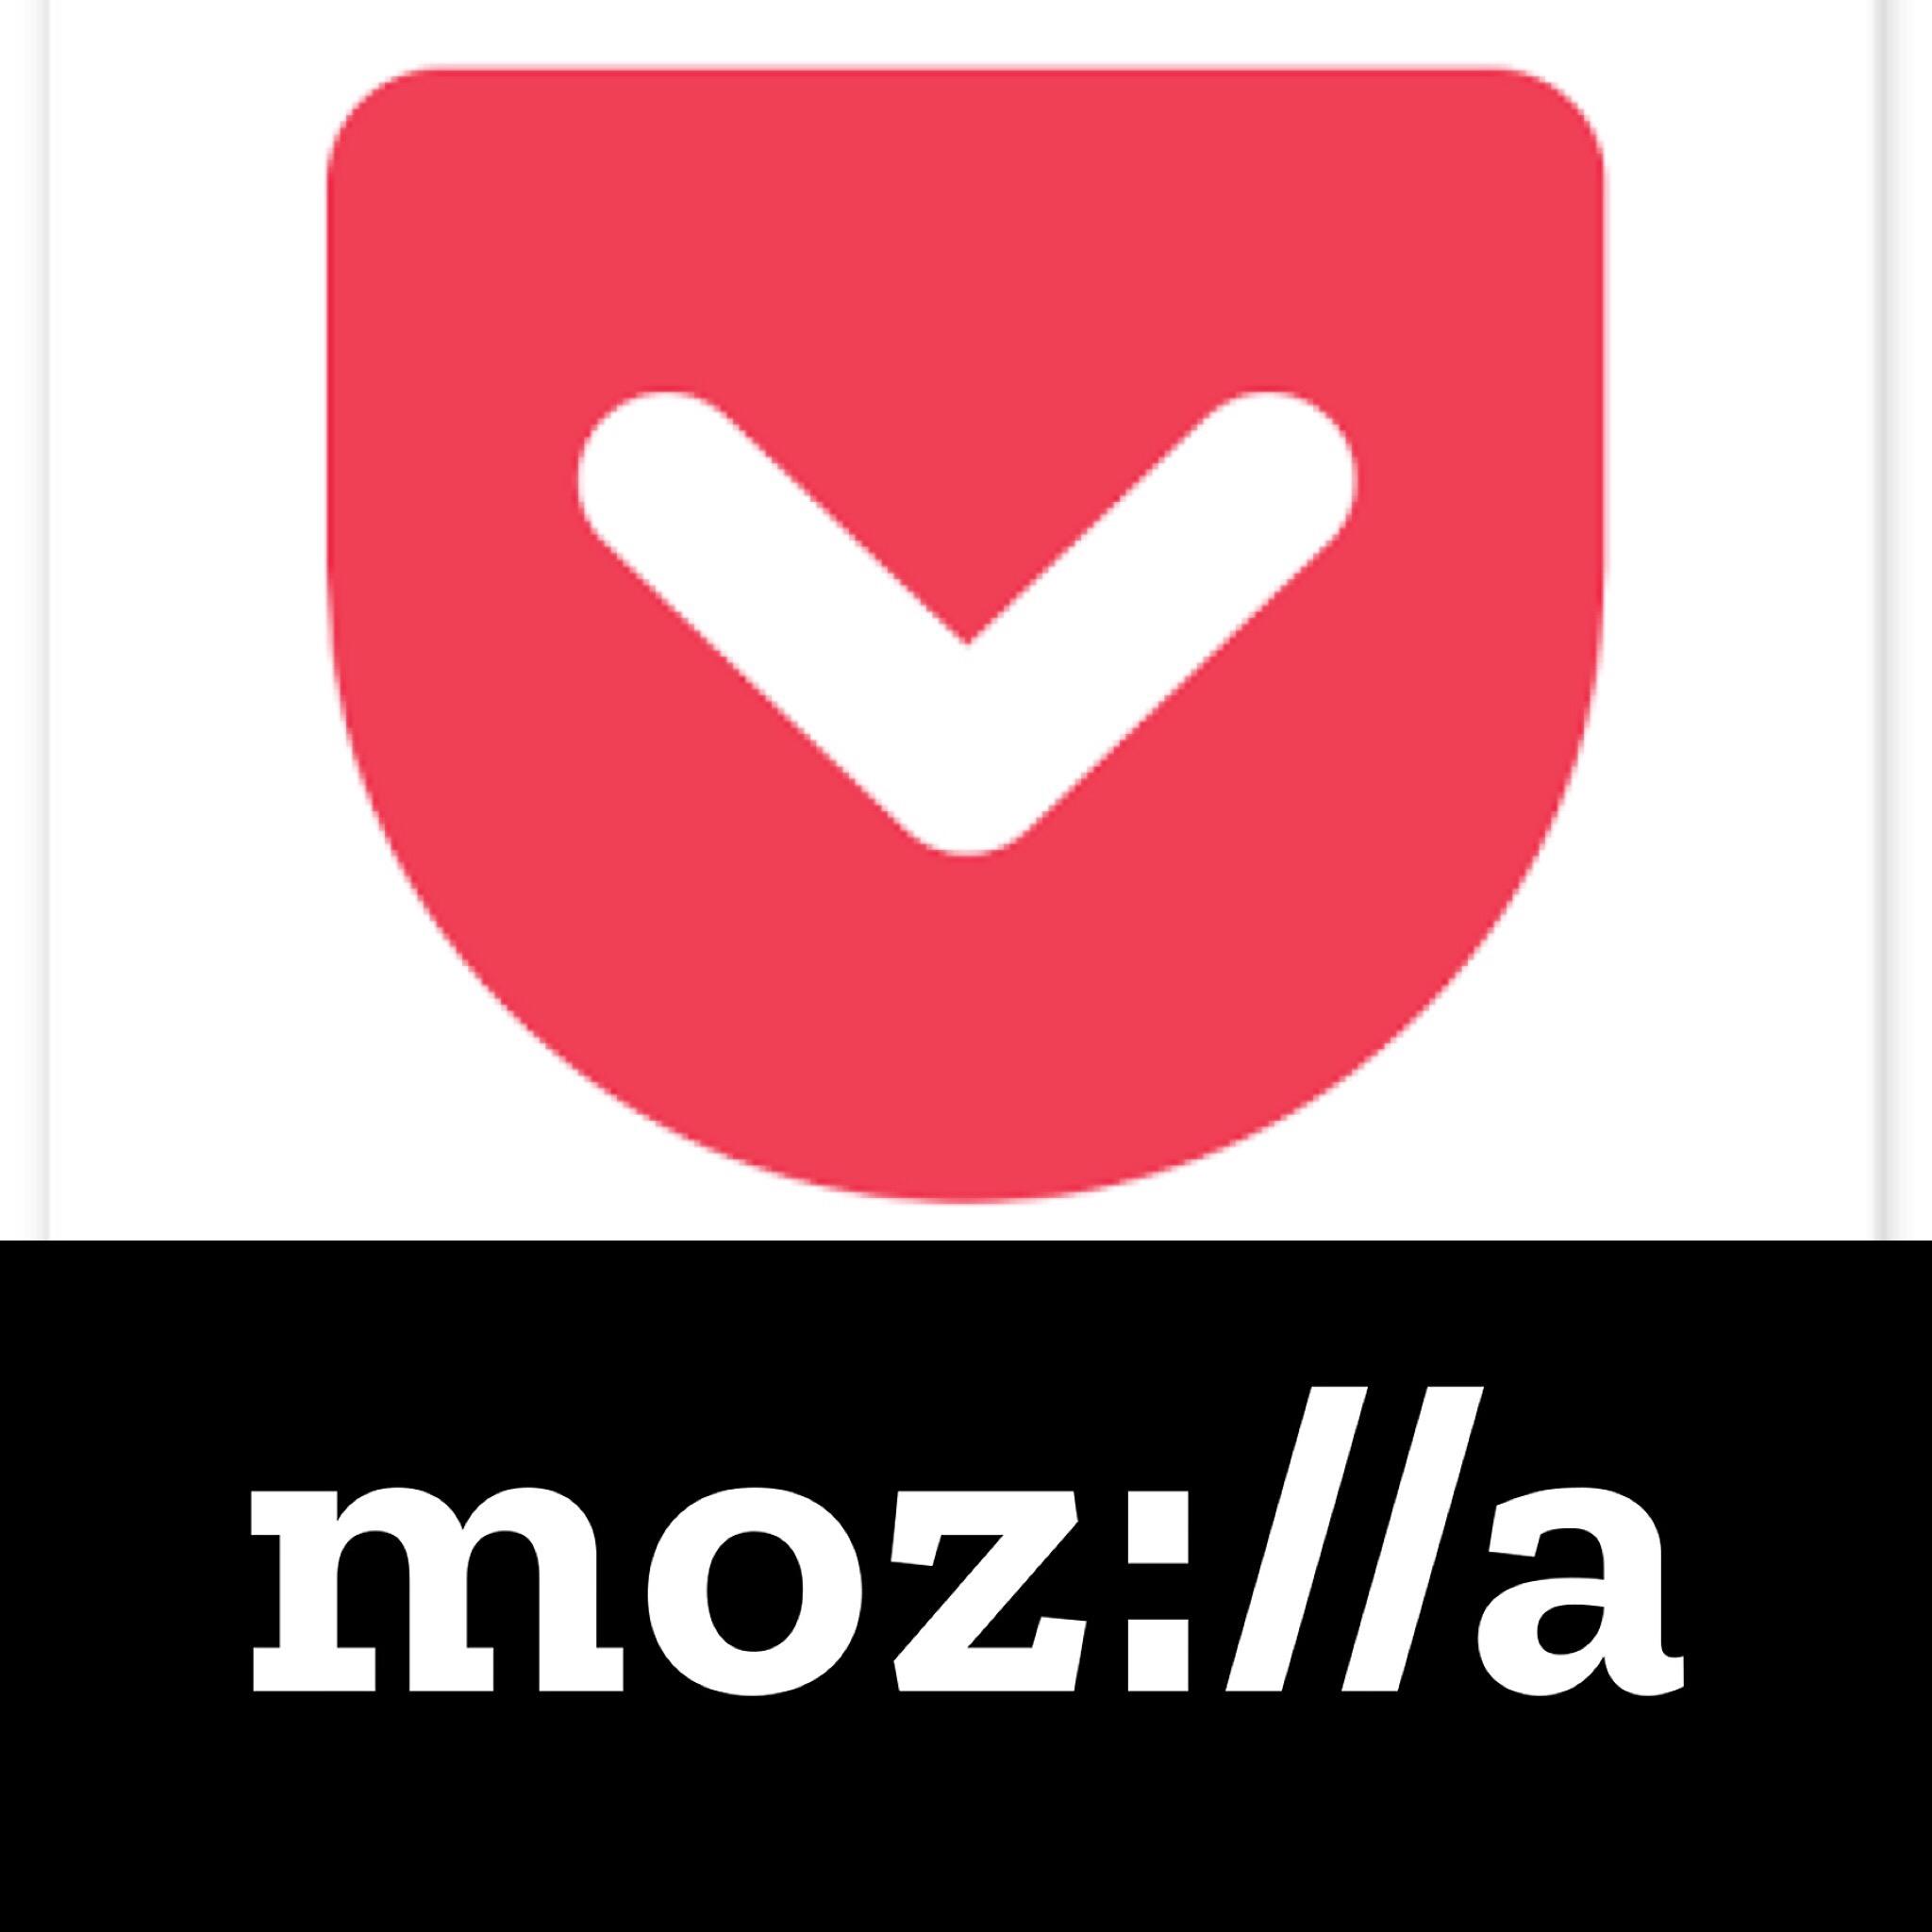 Mozilla 收購 Pocket